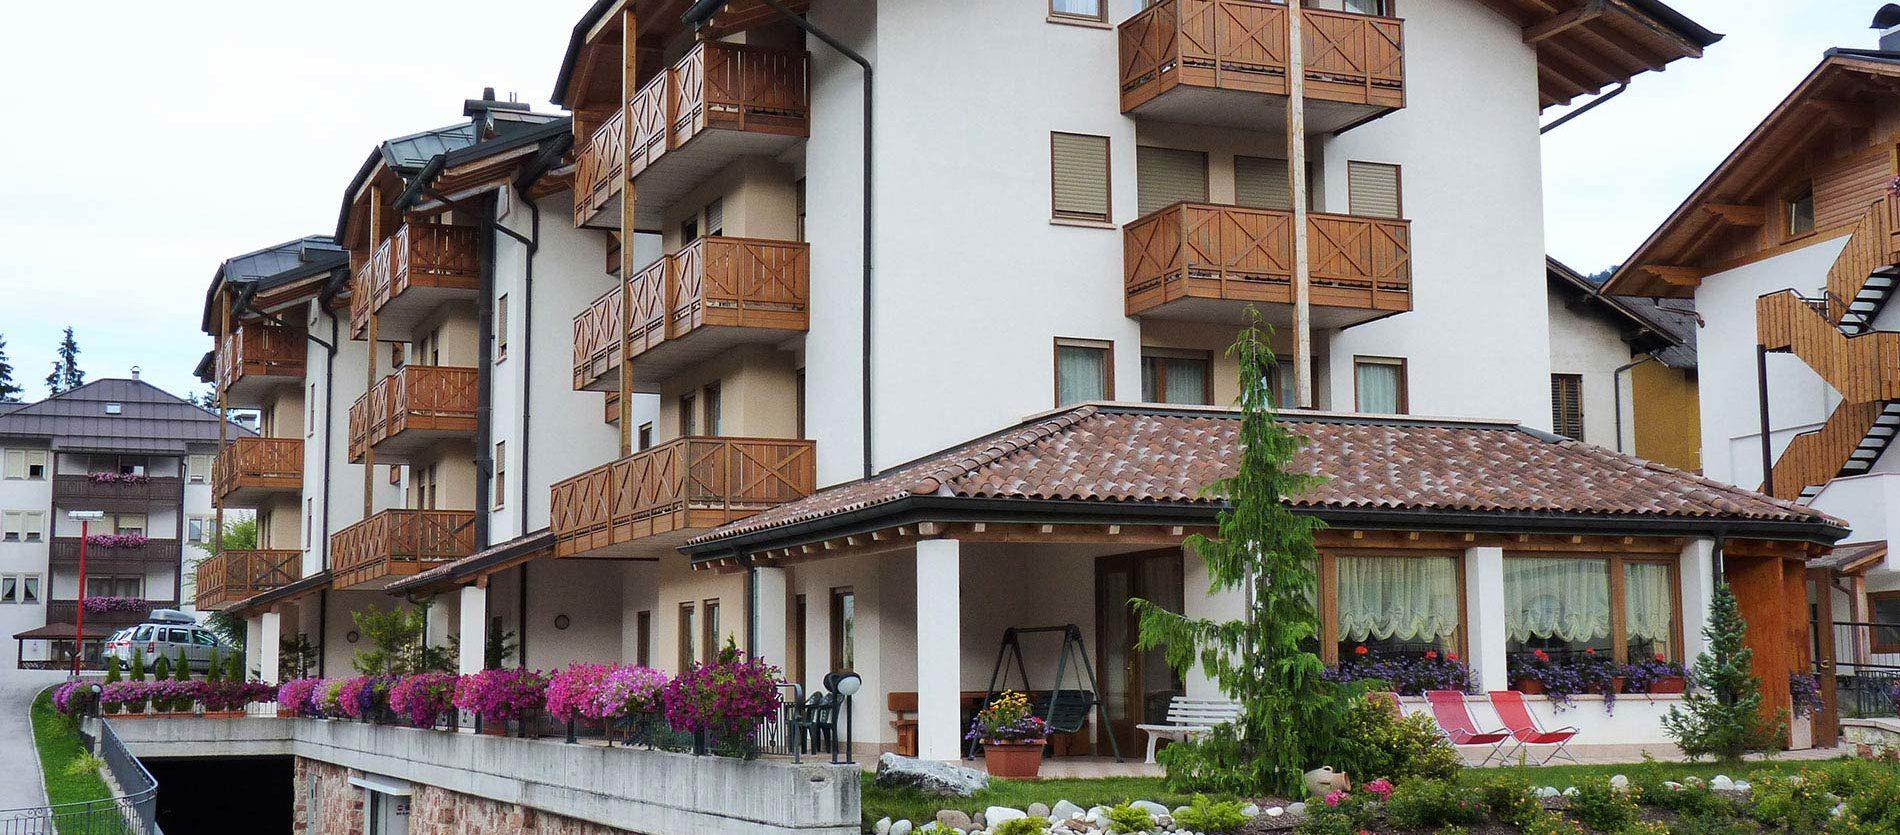 Residence Albanova ad Andalo per le tue vacanze in appartamento